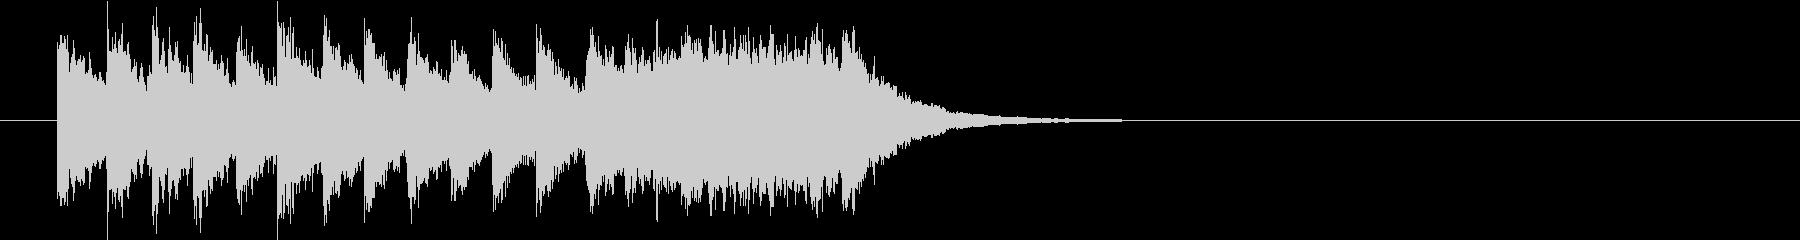 場面転換、ぐるぐるぐるの未再生の波形